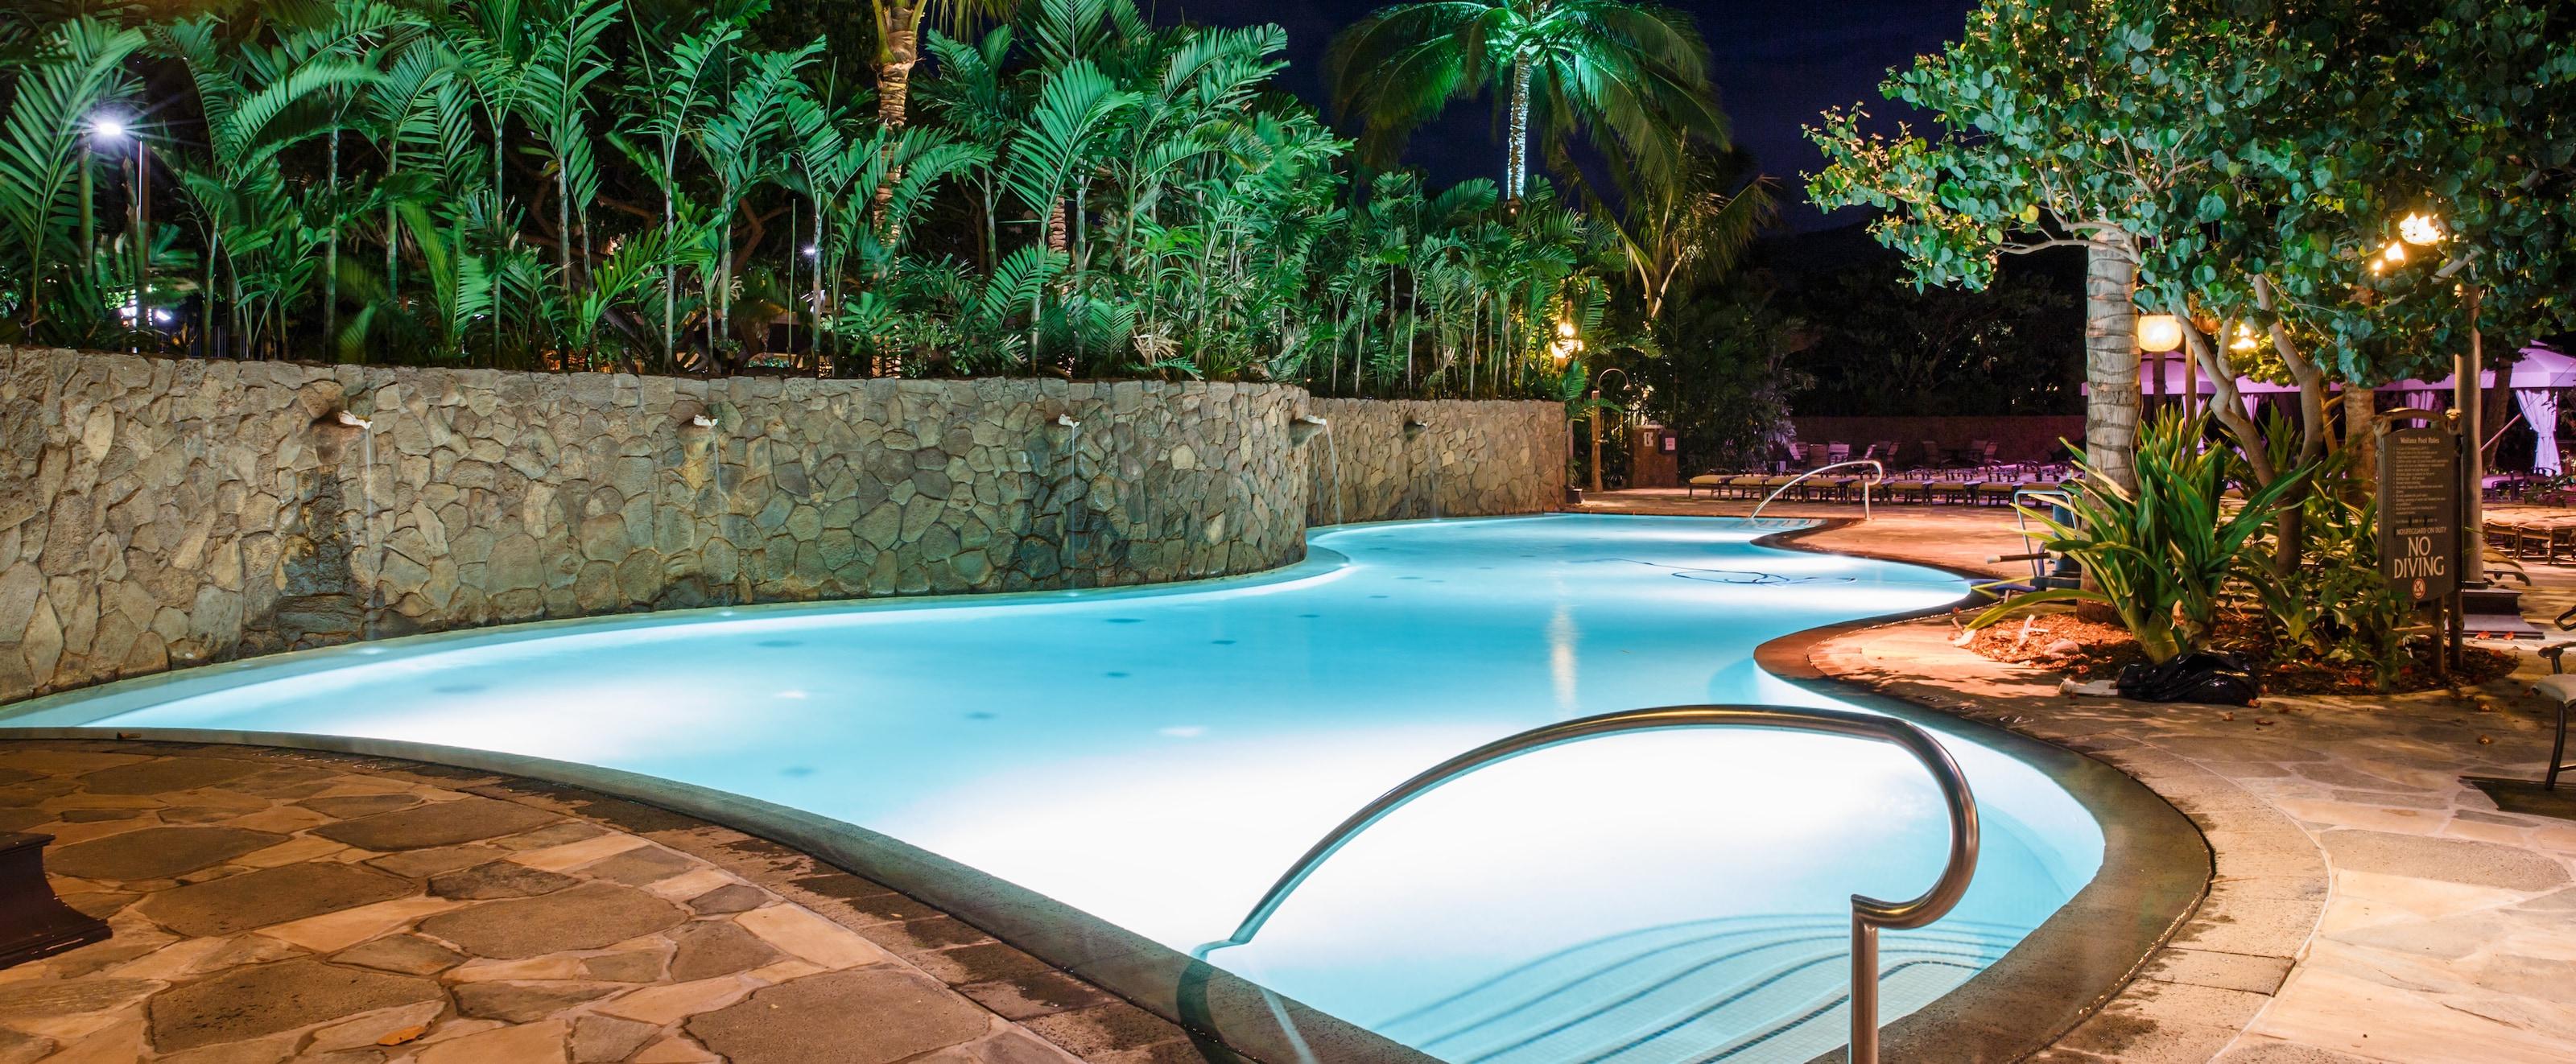 夜の灯りに照らされるプールとカーブした高い岩壁、貝殻のような噴水、熱帯植物の庭園